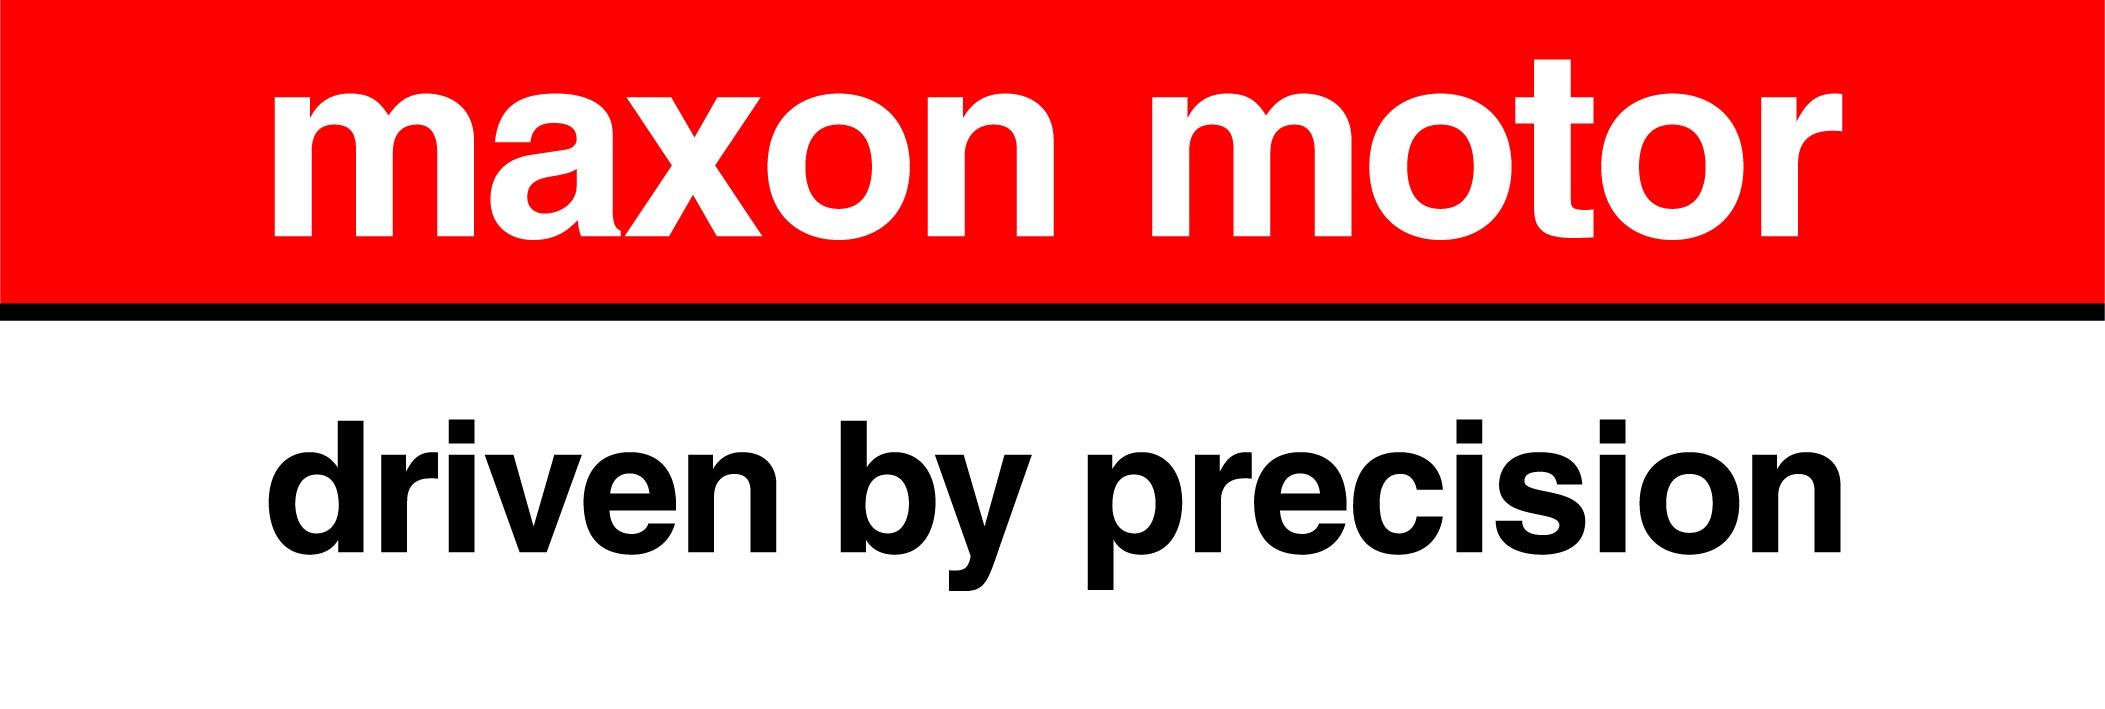 RoboCup Sponsor - Maxon